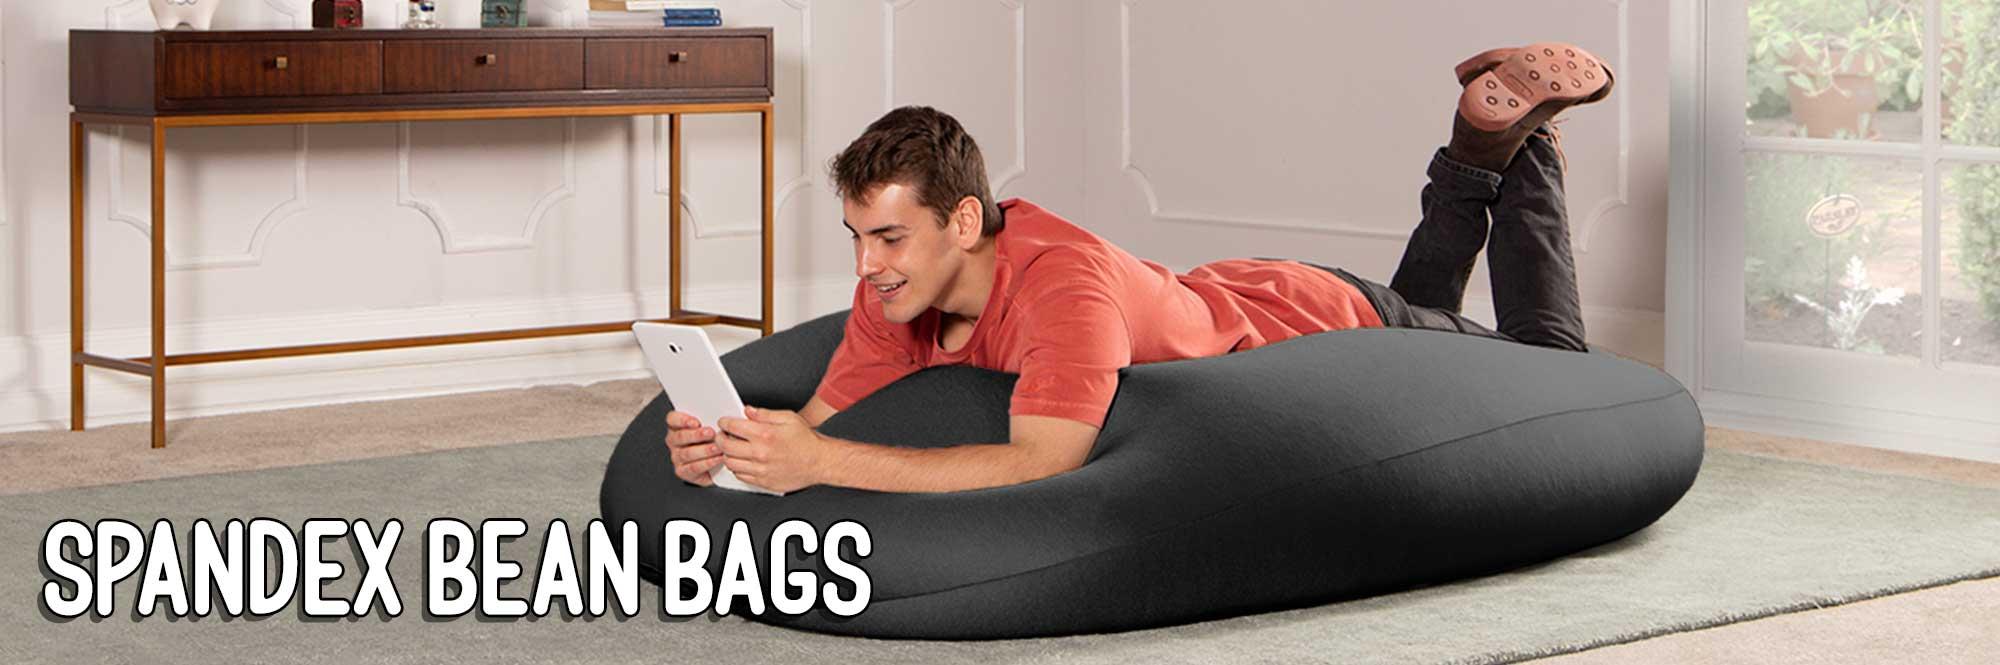 Spandex Bean Bags